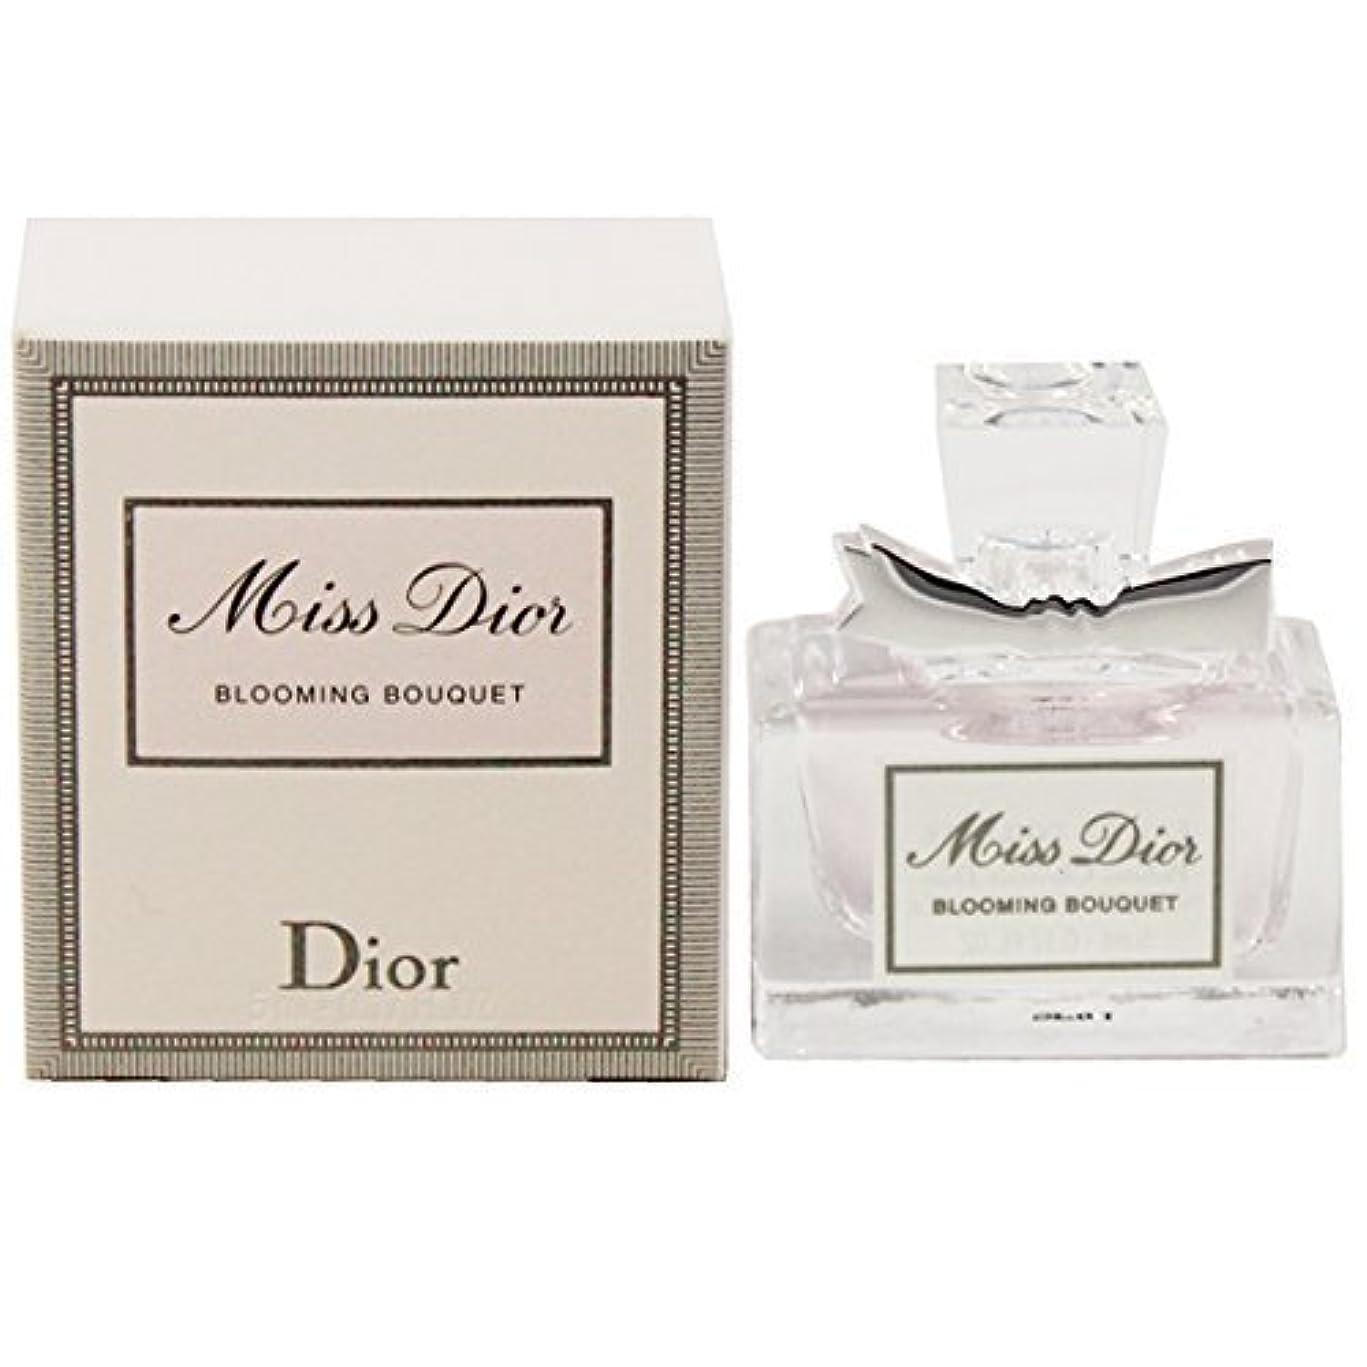 無許可通知スノーケルクリスチャン ディオール(Christian Dior) ミス ディオール ブルーミングブーケEDT?BT 5ml[並行輸入品]